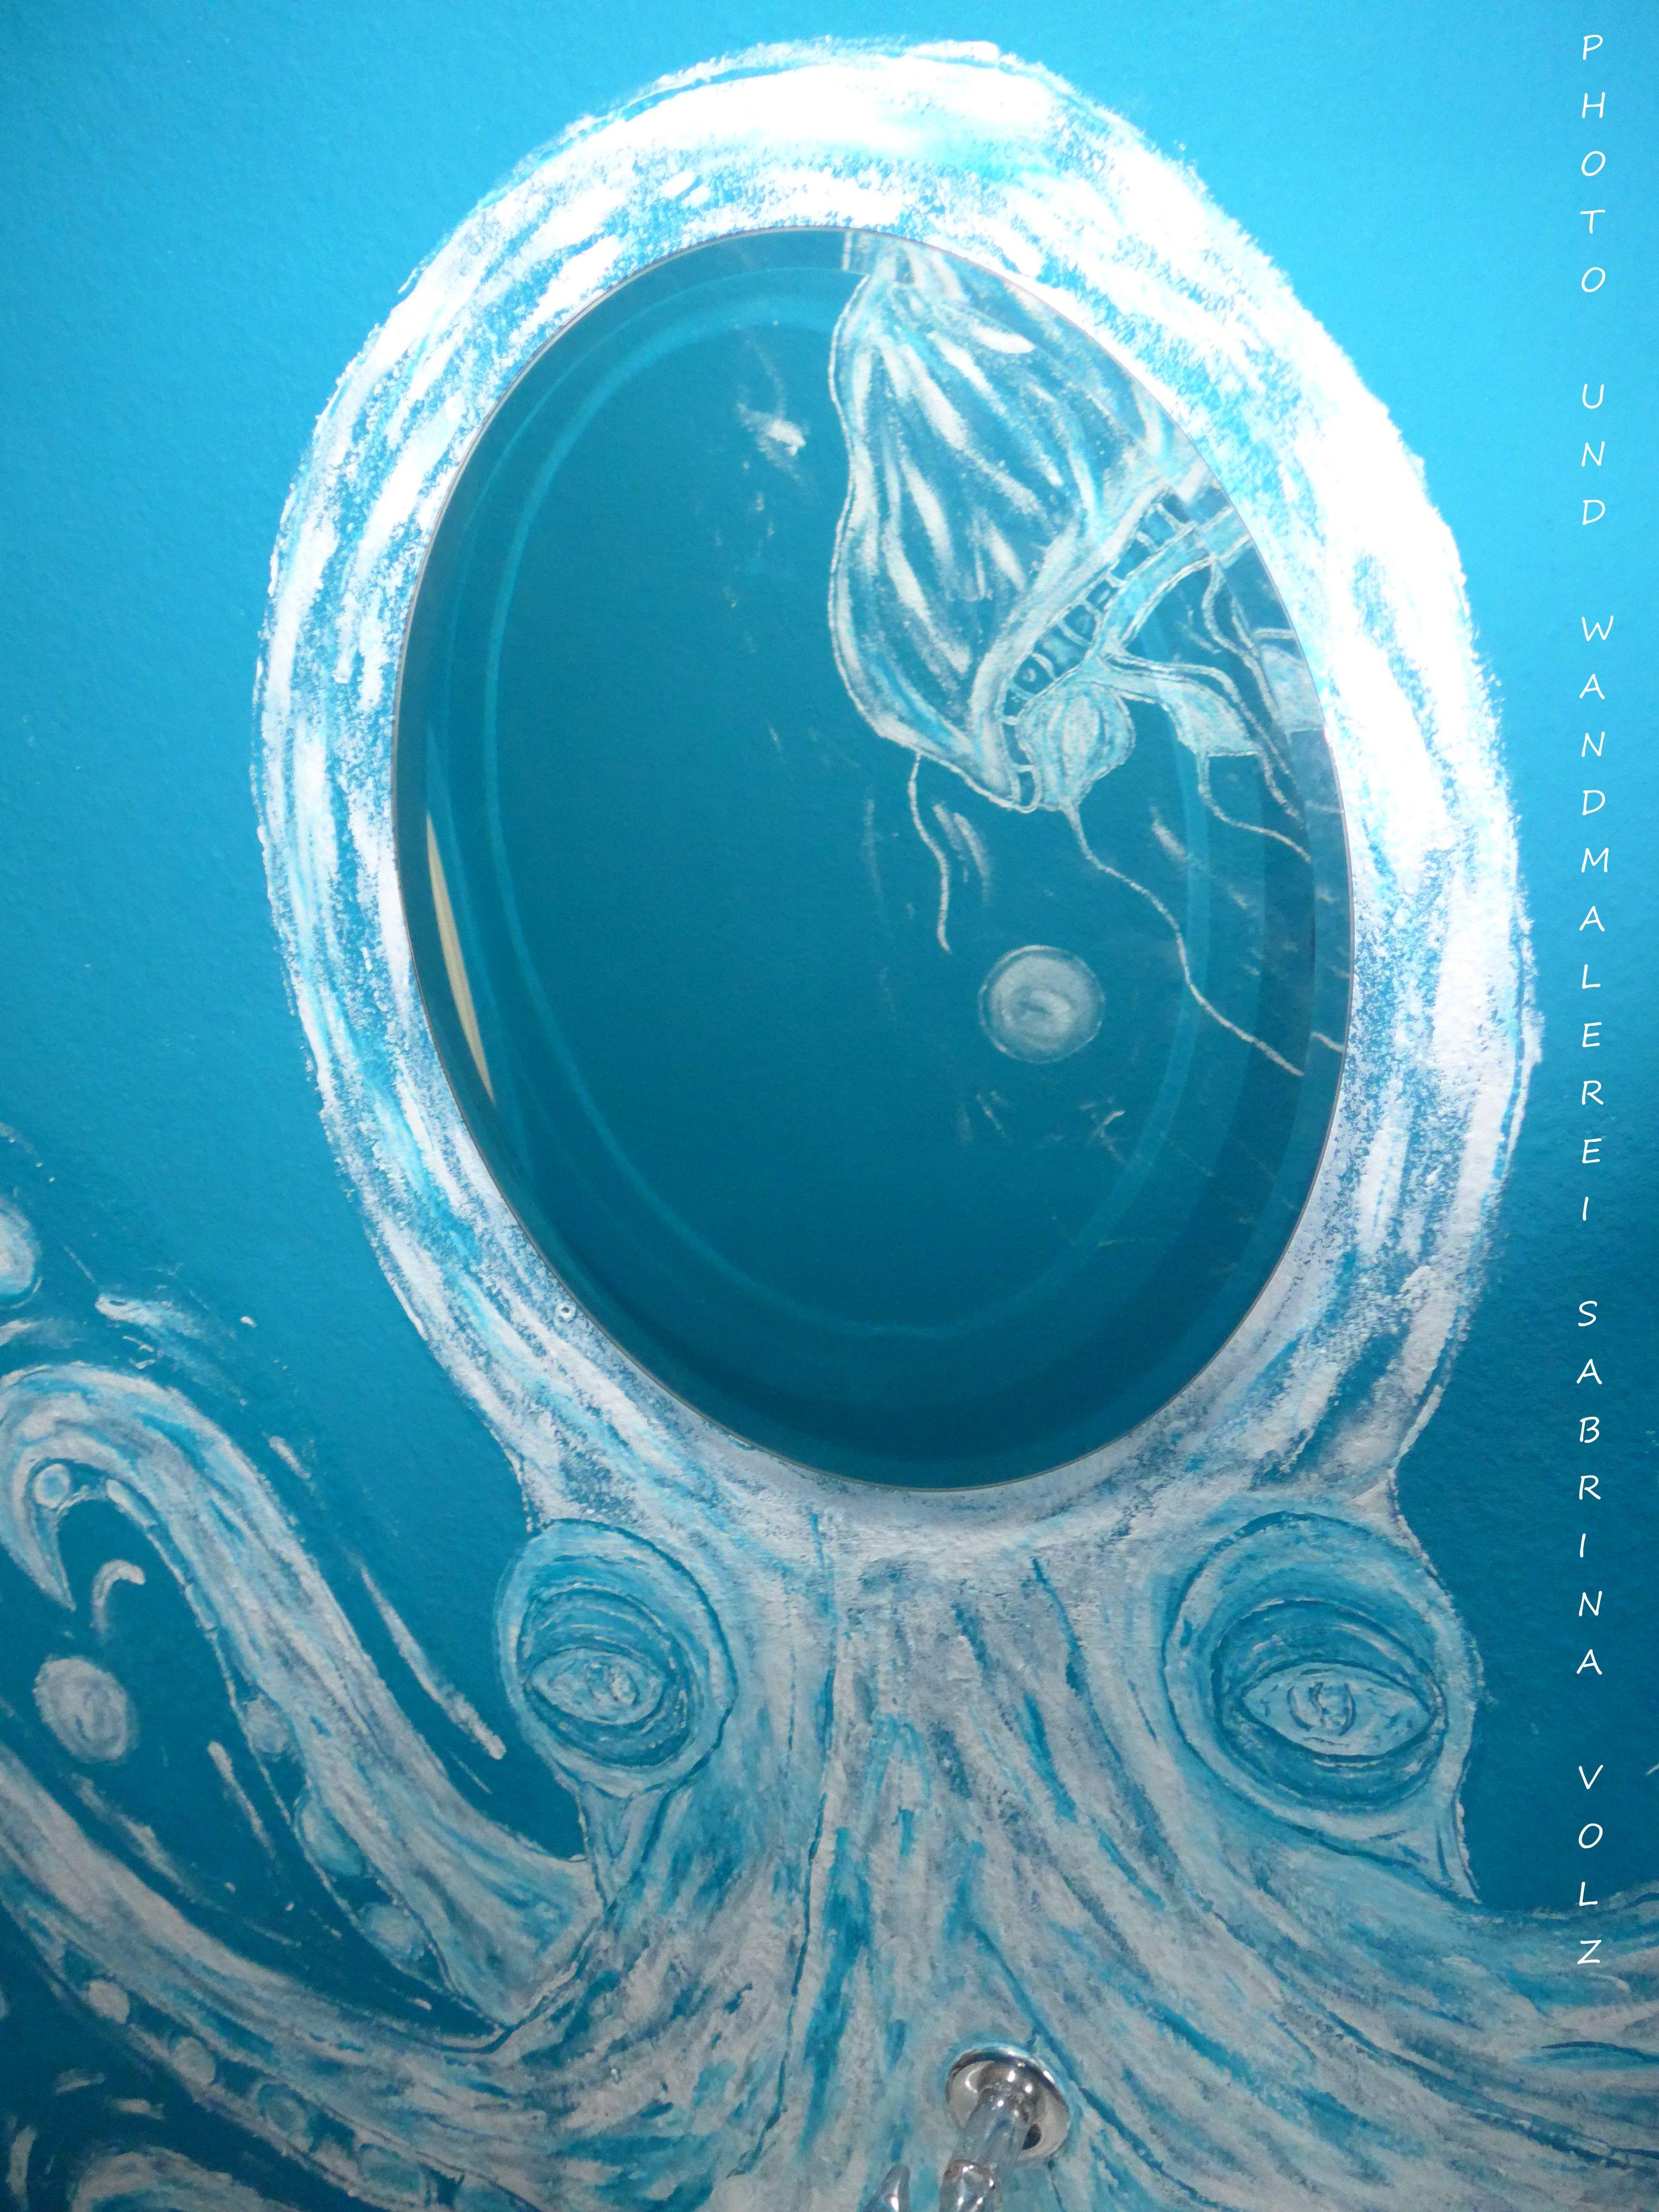 DIY - So wurde mein Bad zu einer Unterwasserwelt ... Von einer winzigen Photographie einer echten Krake - freihand - auf die Wand gezaubert ...